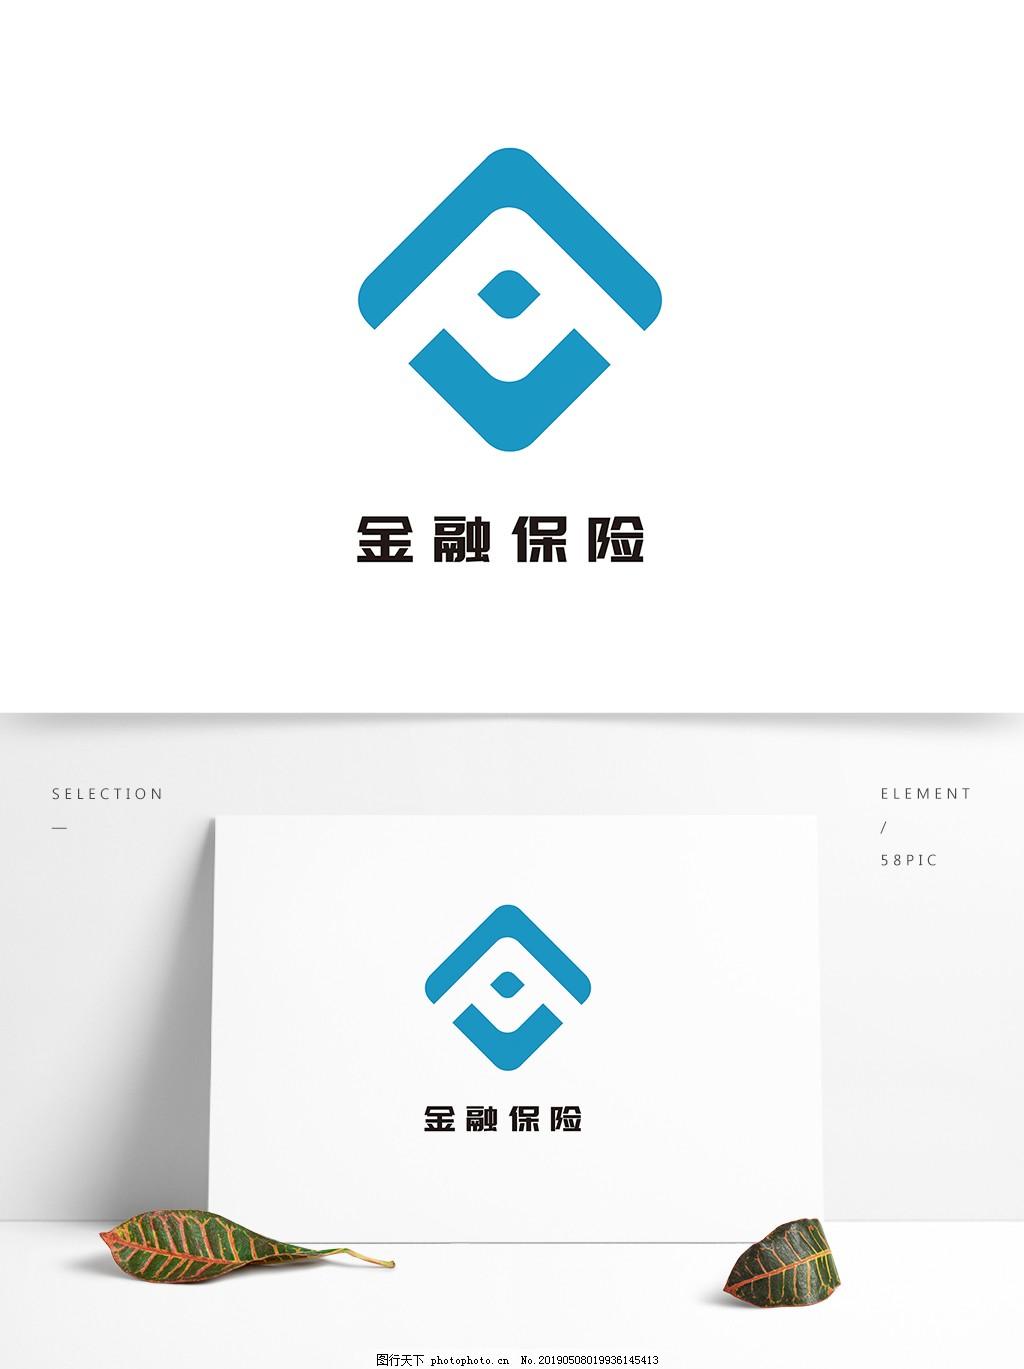 金融保险理财logo大众通用企业logo